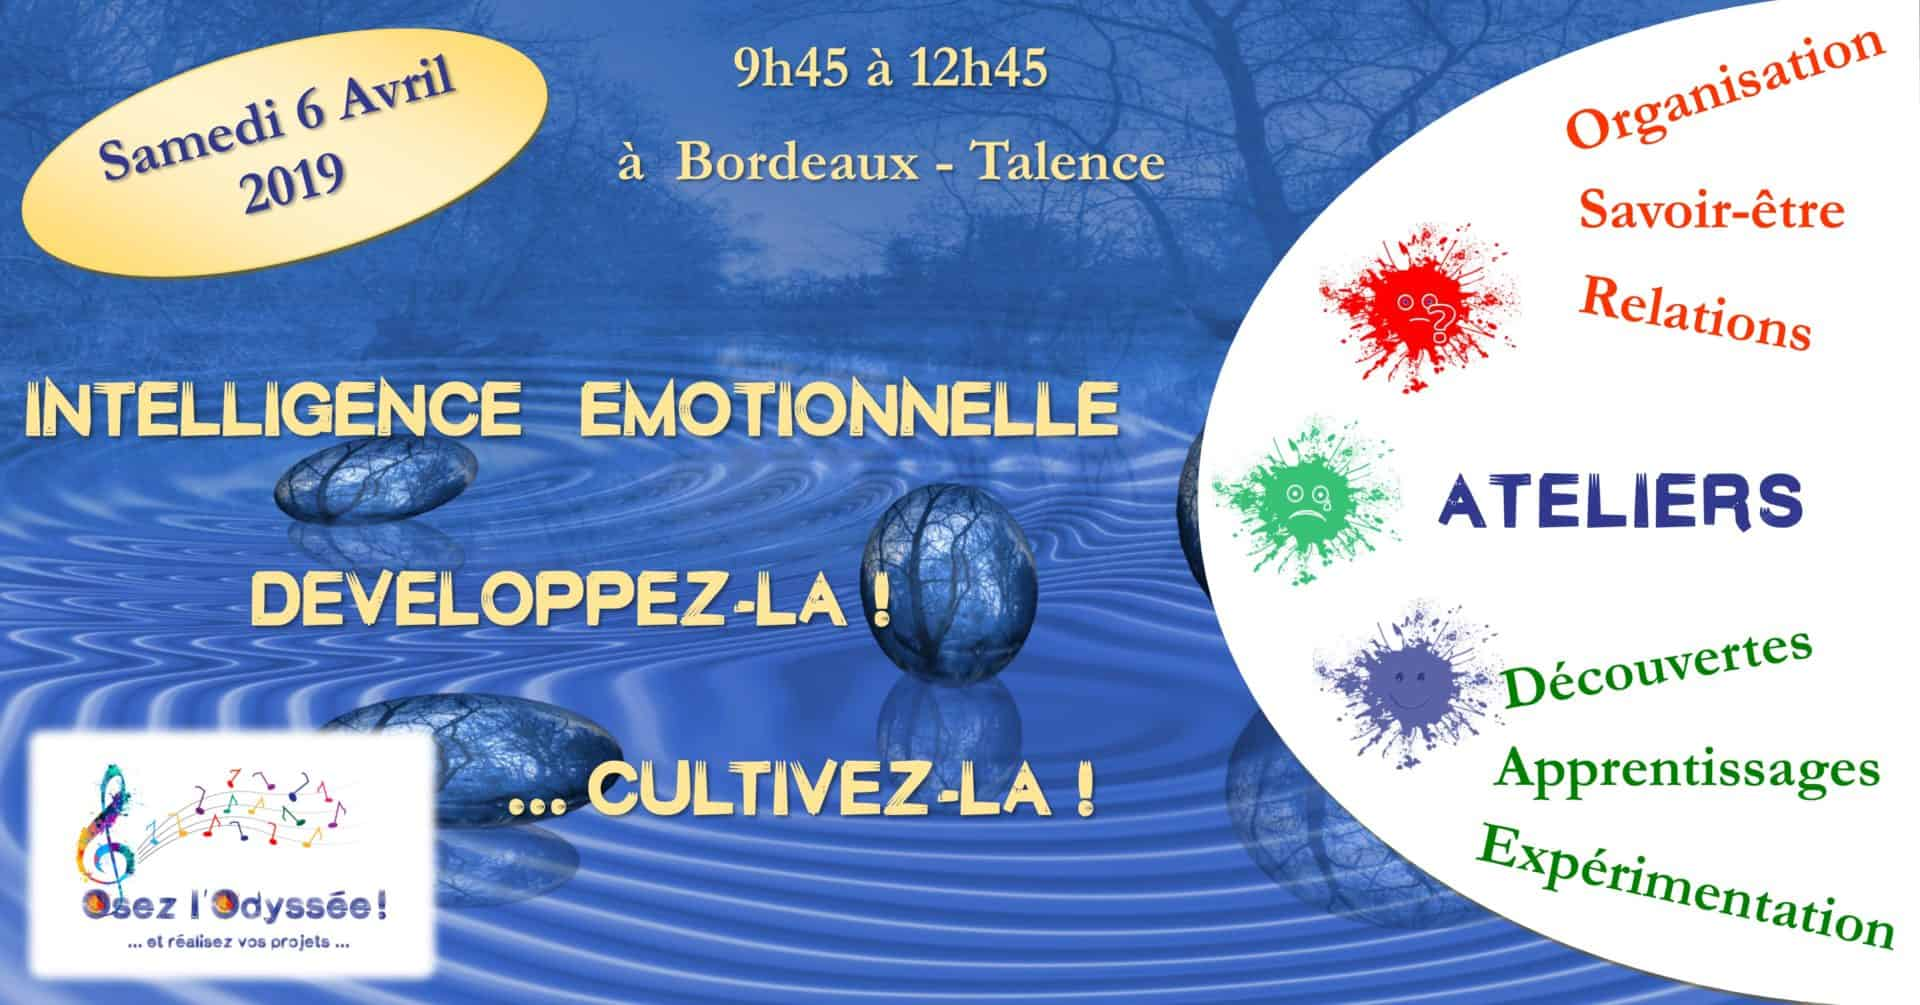 Intelligence émotionnelle Osez l'Odyssée 2019 03 Atelier Développement personnel à Bordeaux